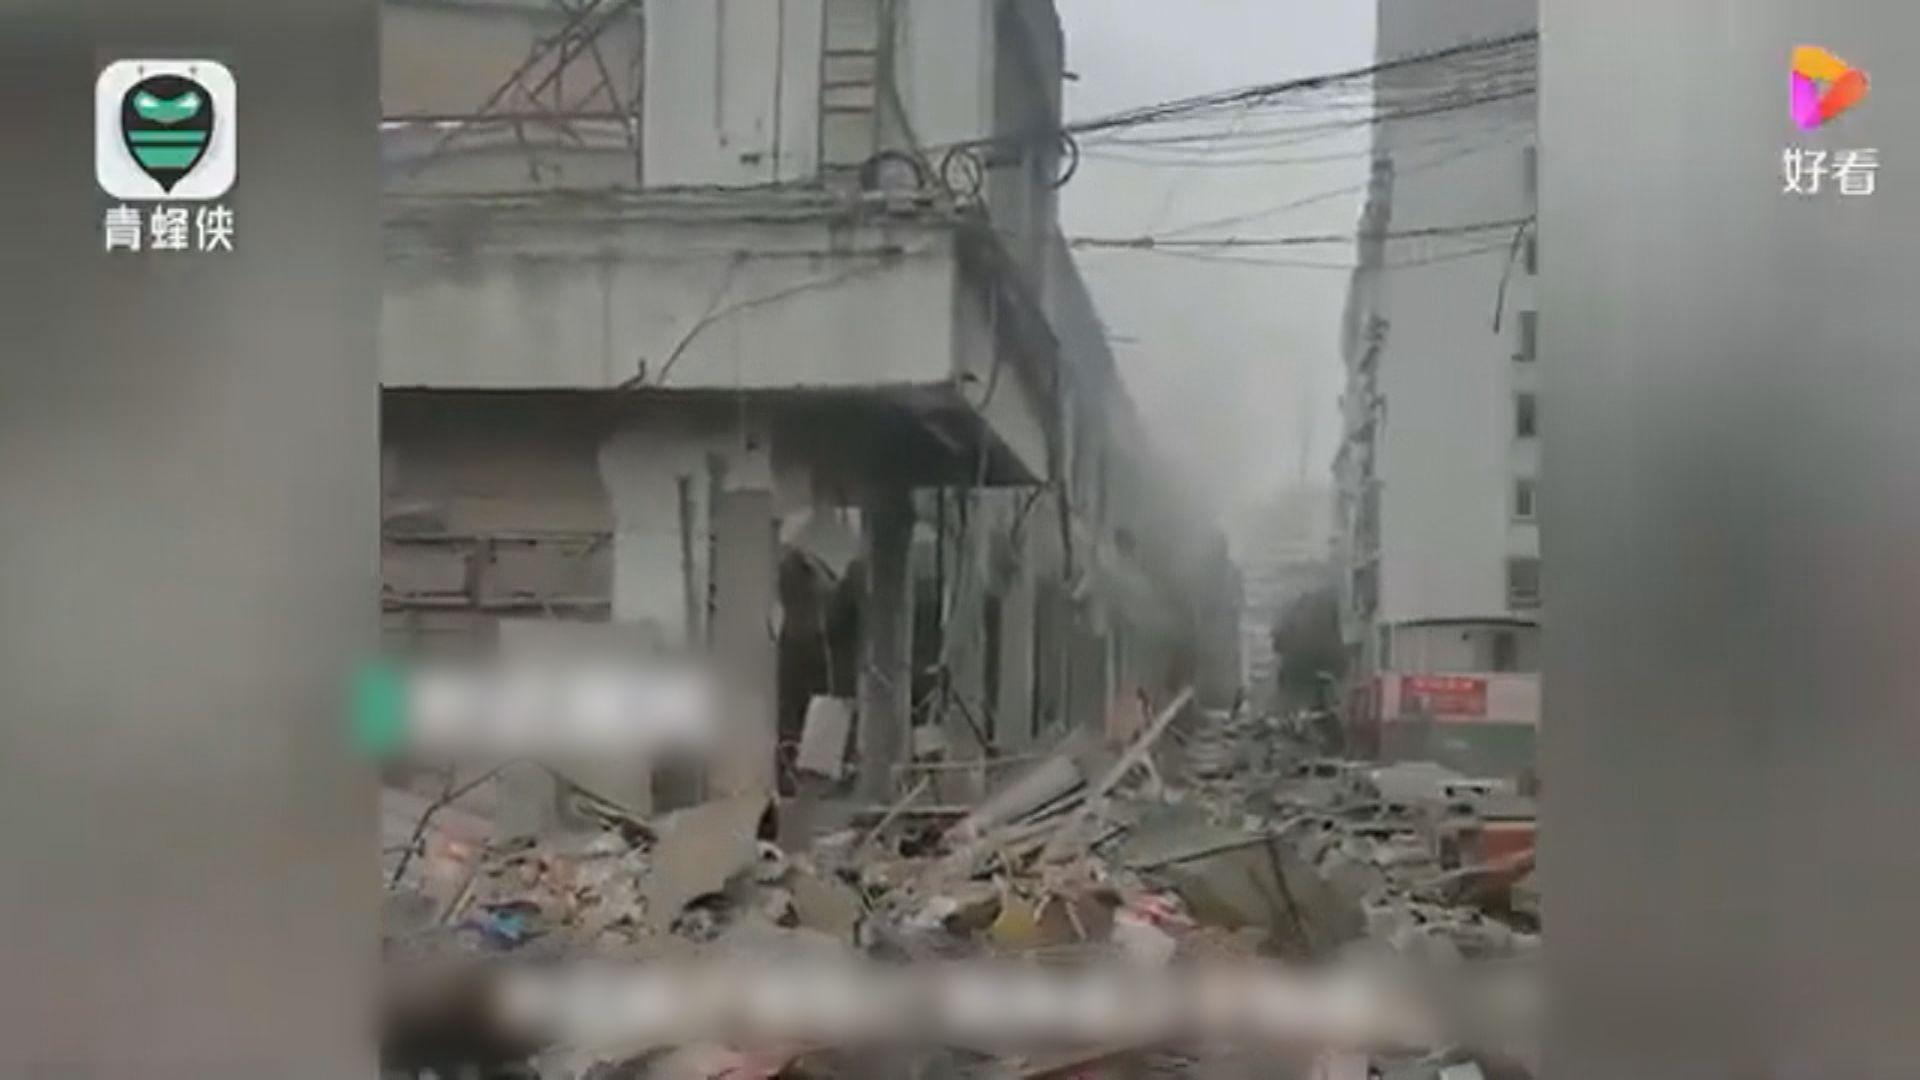 湖北省十堰市發生爆炸致11人死37人傷